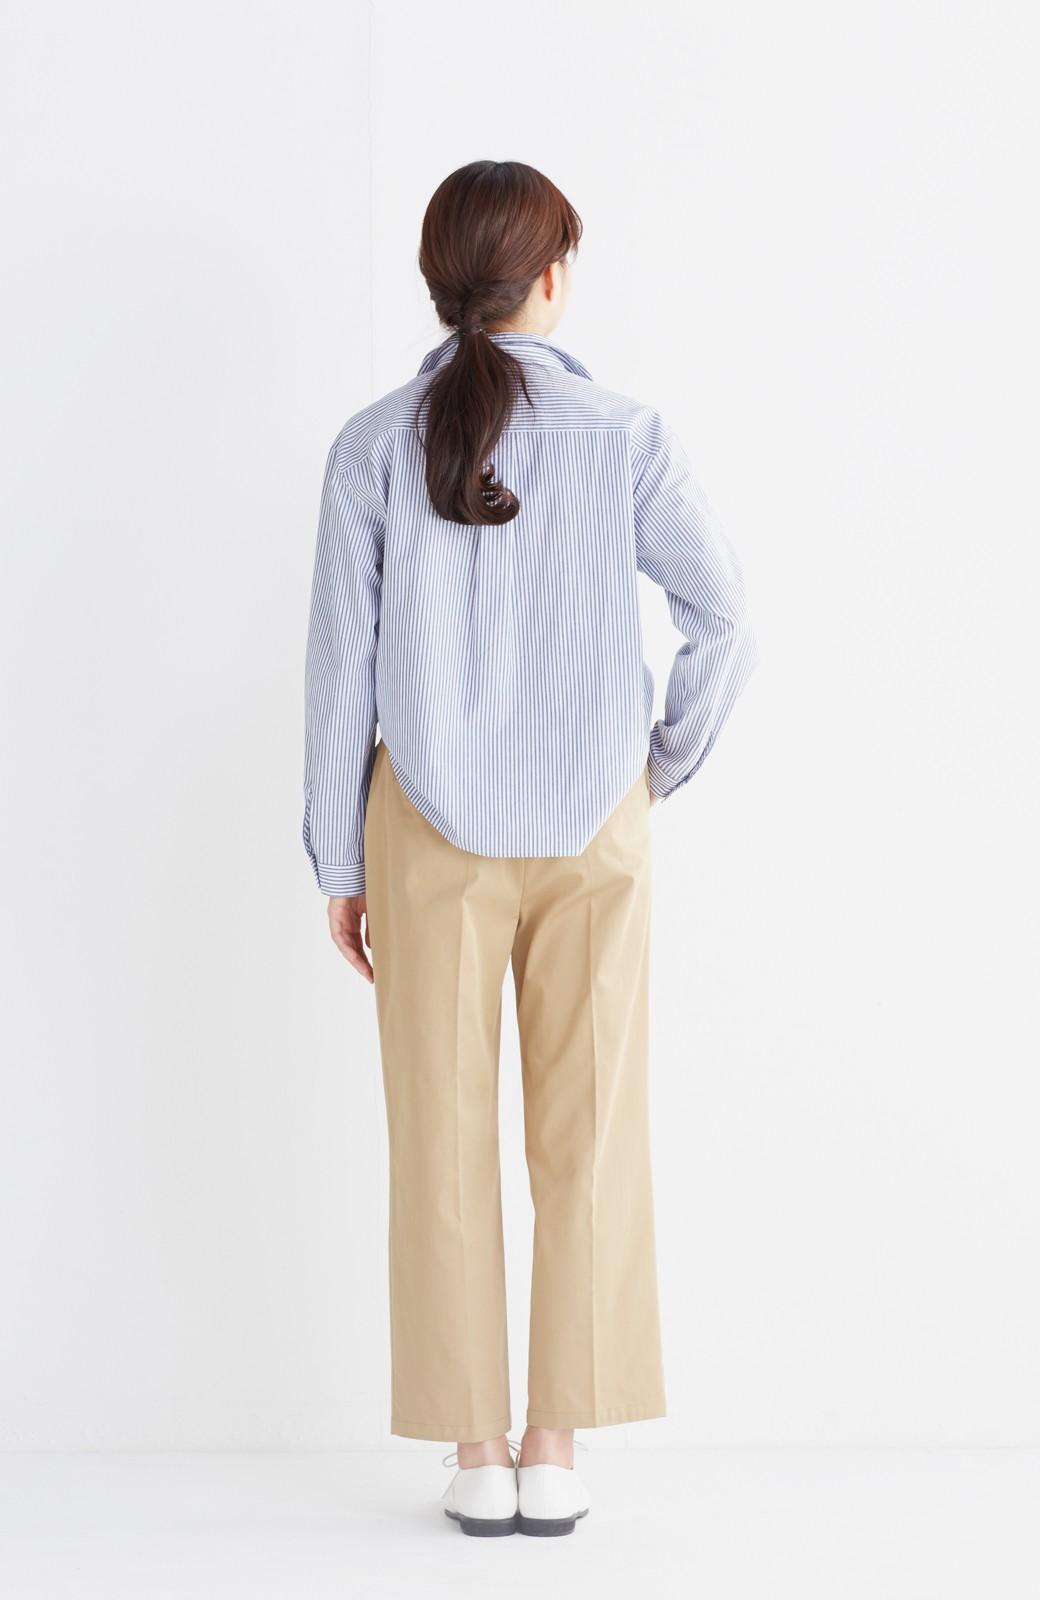 エムトロワ 抜き衿シャツ&ふんわりスカートの総柄セットアップ <ホワイト×ブルー>の商品写真20